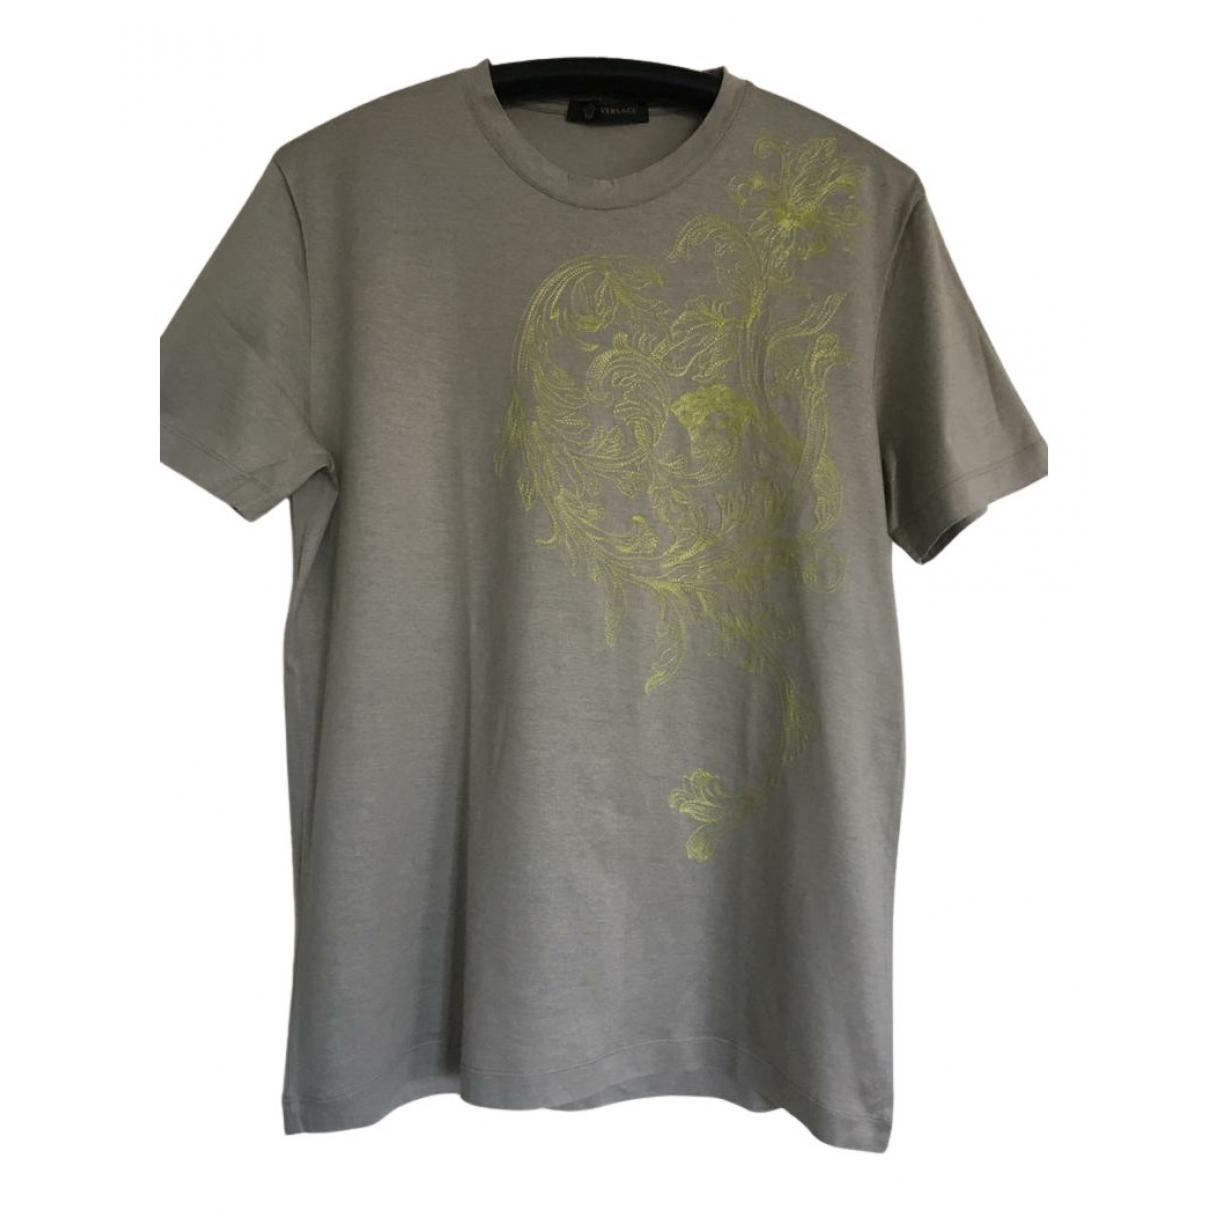 Versace - Tee shirts   pour homme en coton - gris